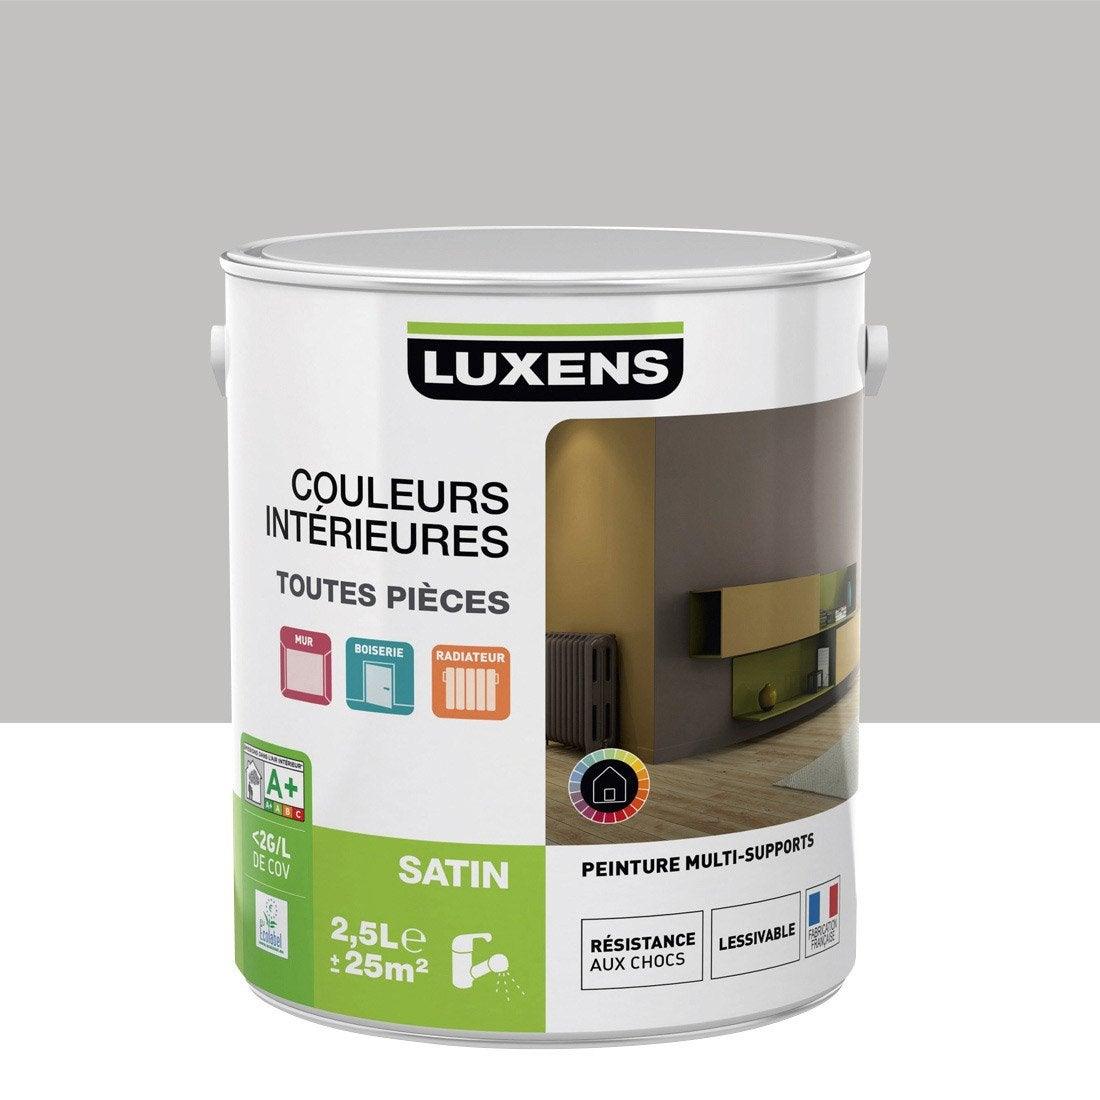 Peinture Gris Galet 5 Luxens Couleurs Int Rieures Satin 2 5 L